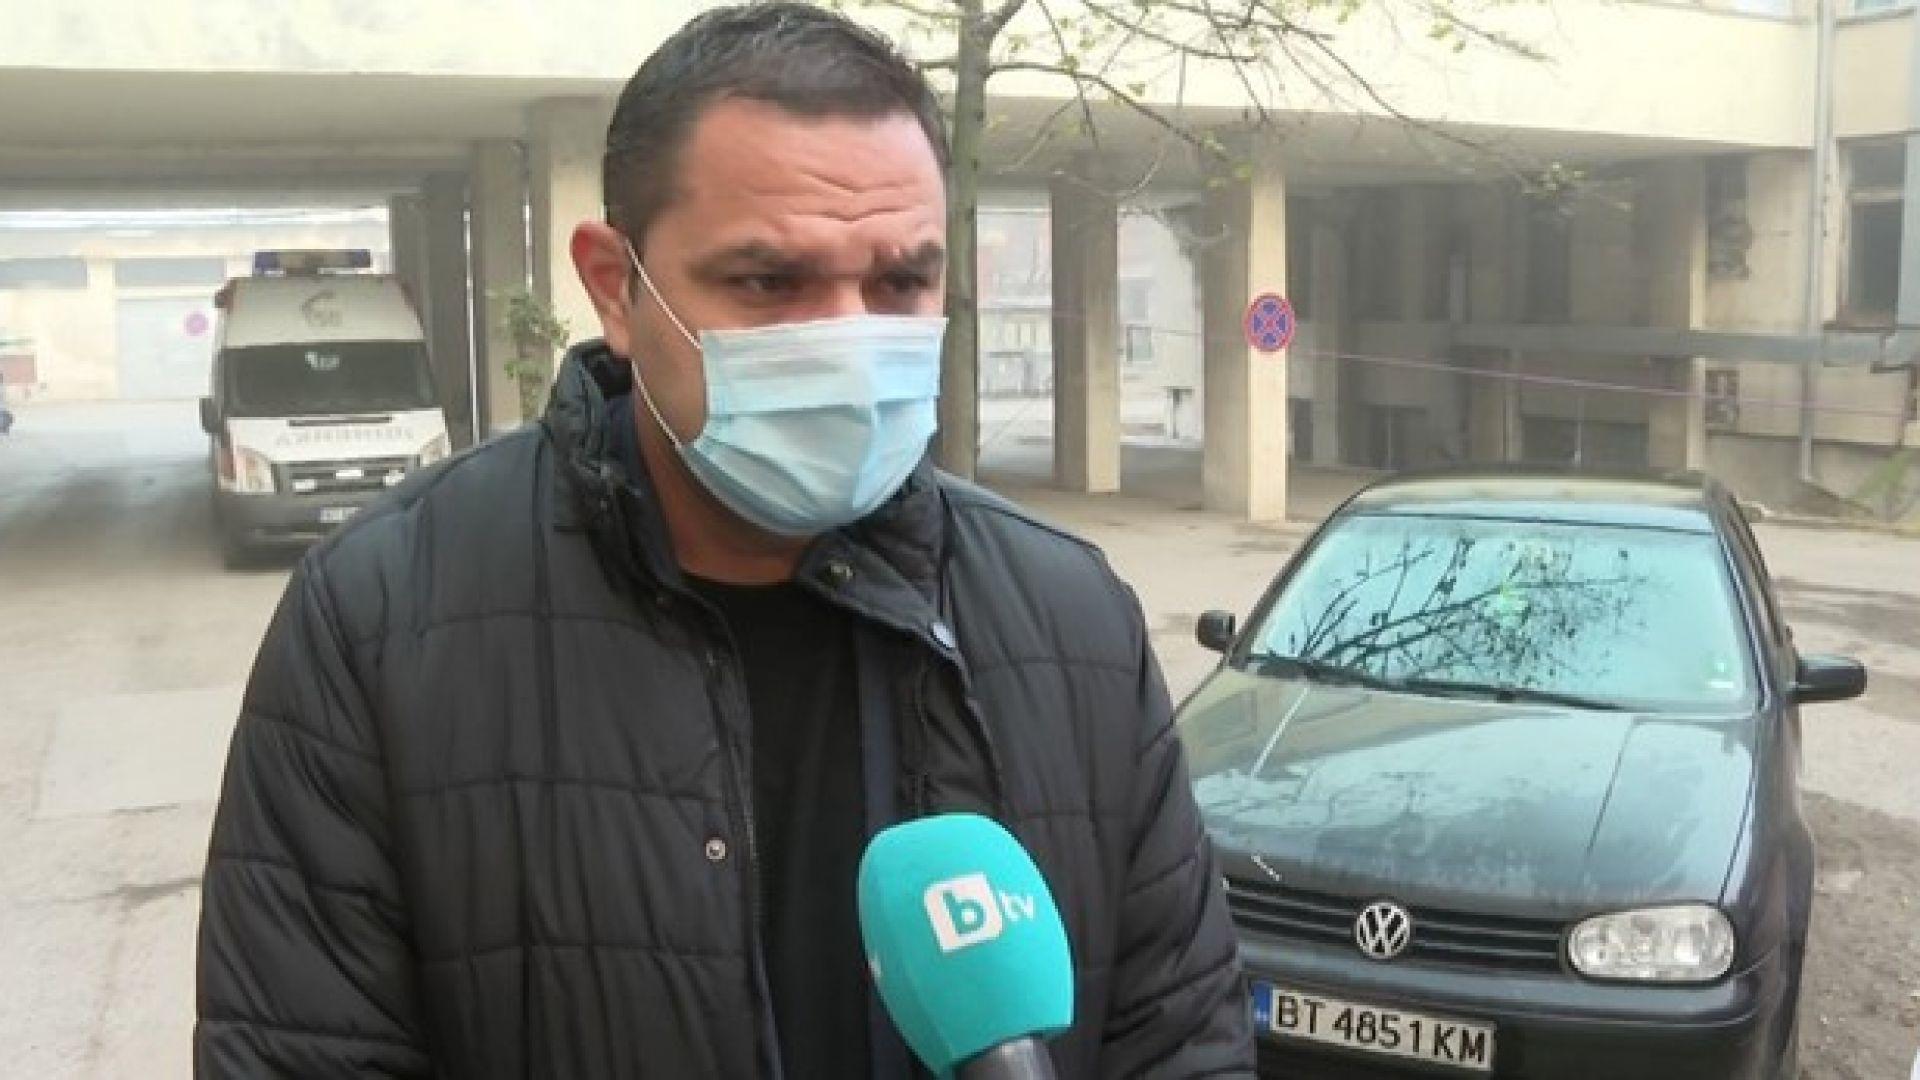 Кметът доброволец в Covid отделението: Беше ад, сваляхме температурата на пациент с лед